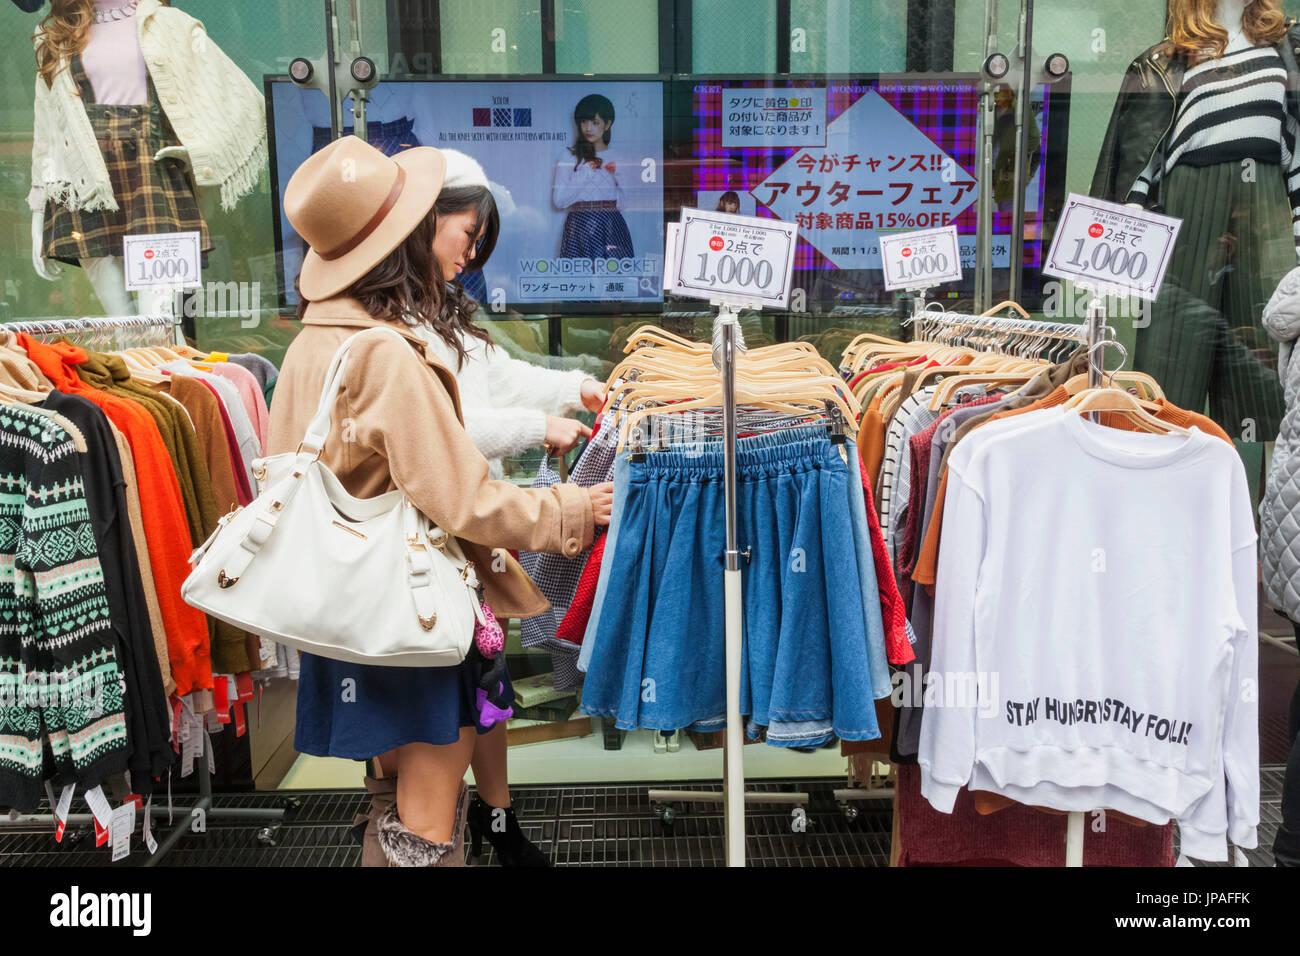 harajuku girls tokyo stockfotos und -bilder kaufen - alamy